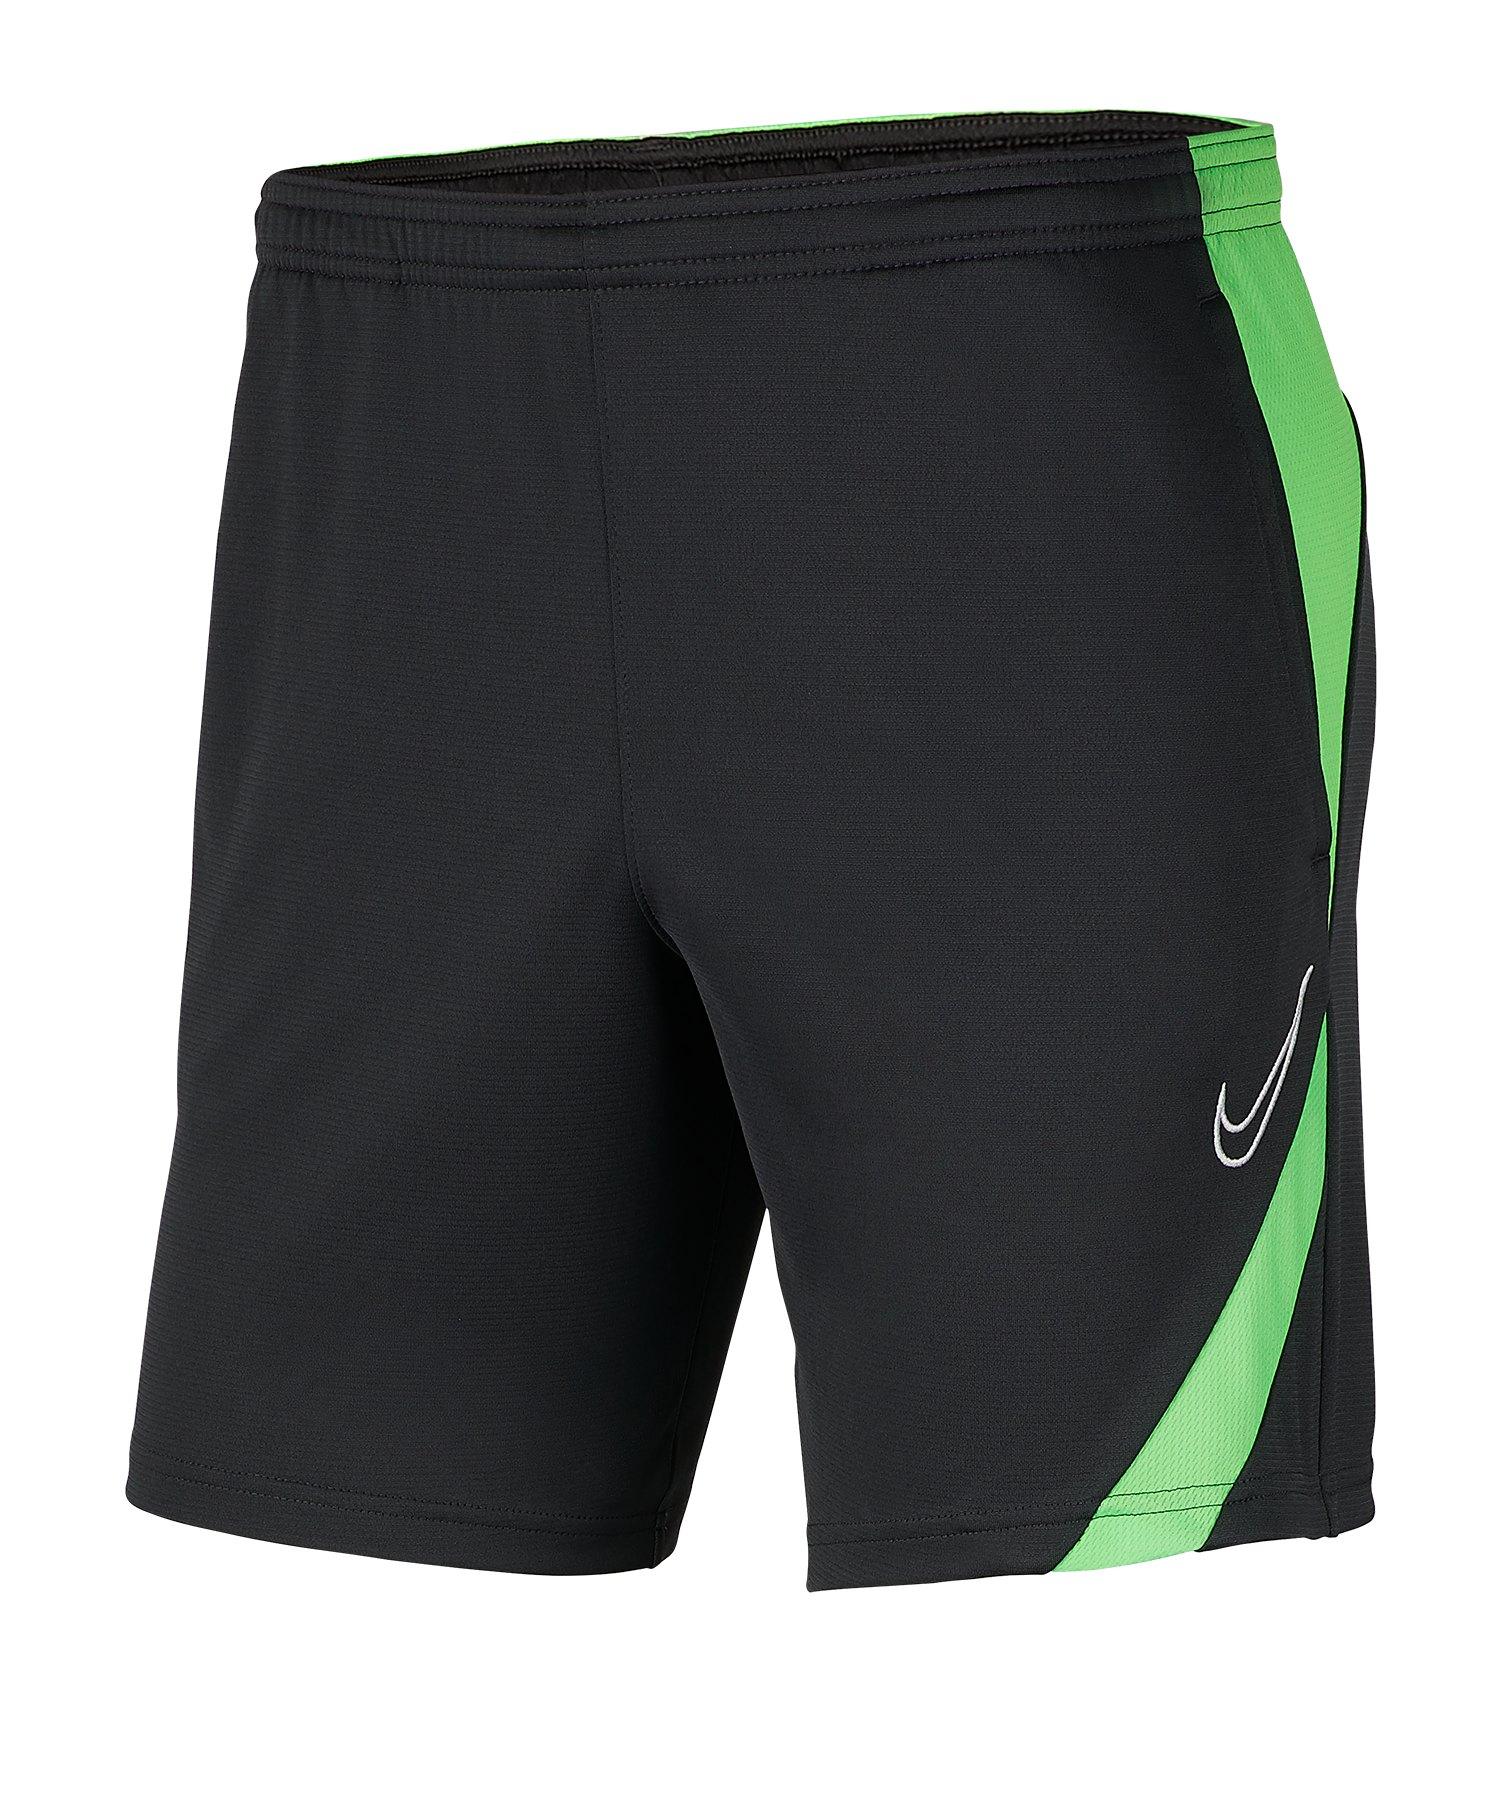 Nike Academy 20 Short Kids Grau F068 - grau